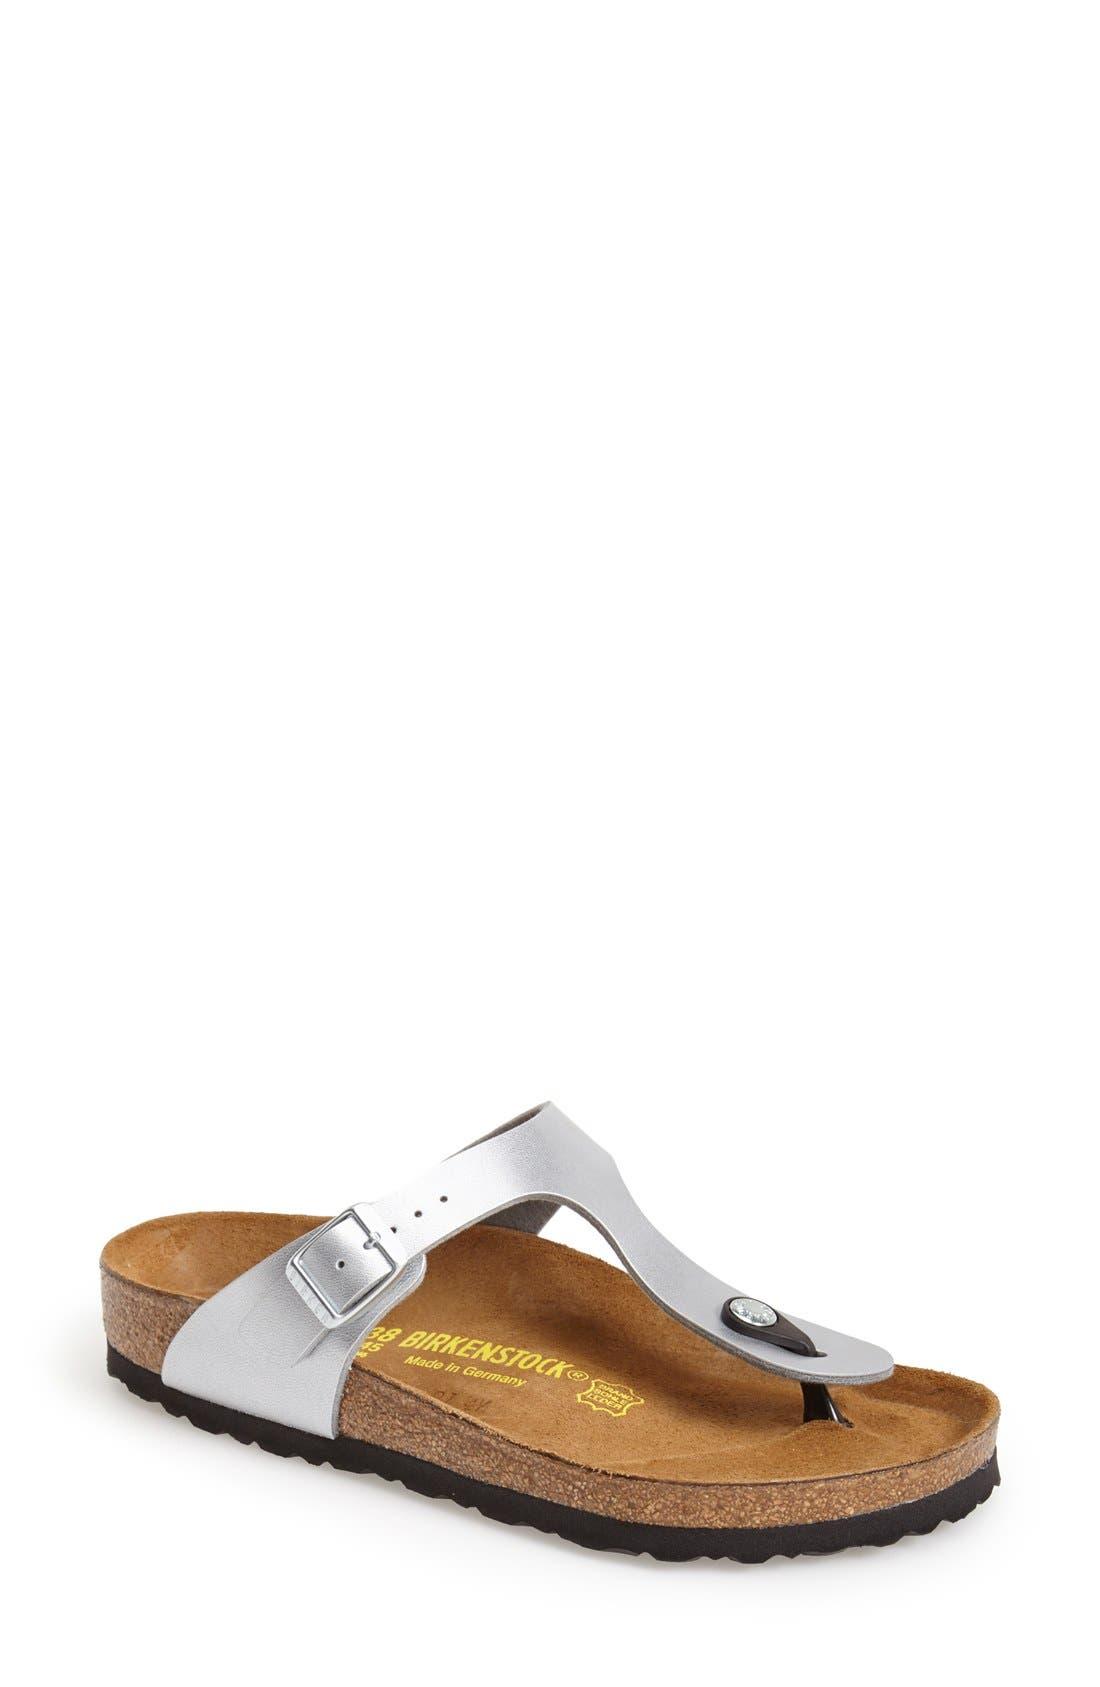 4d406bb2792 Women s Sandals